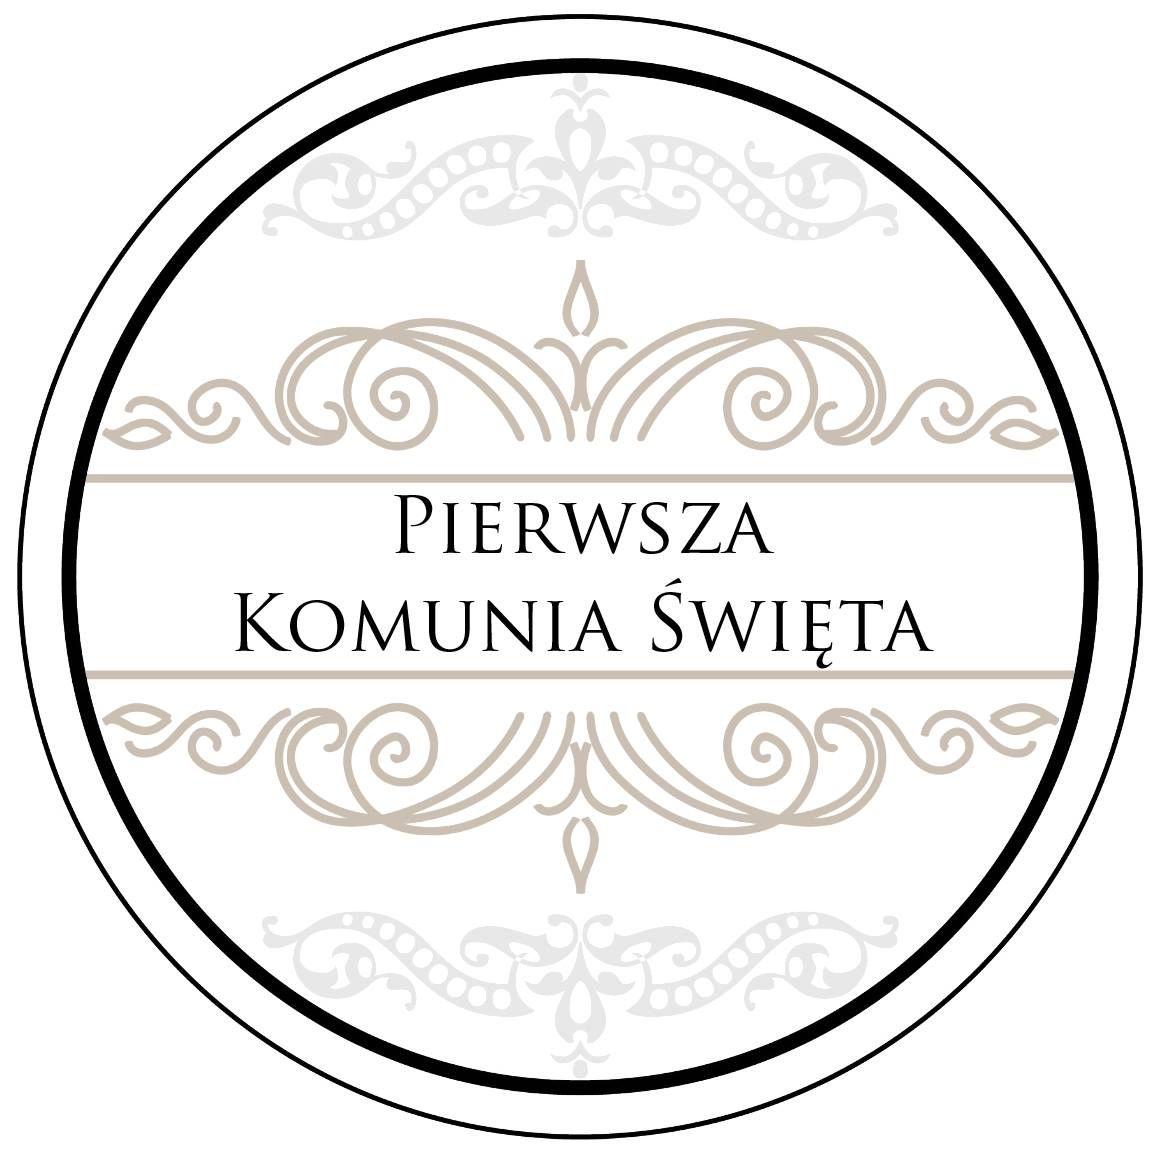 Komunia First Communion Cards Digi Stamps Cards Handmade